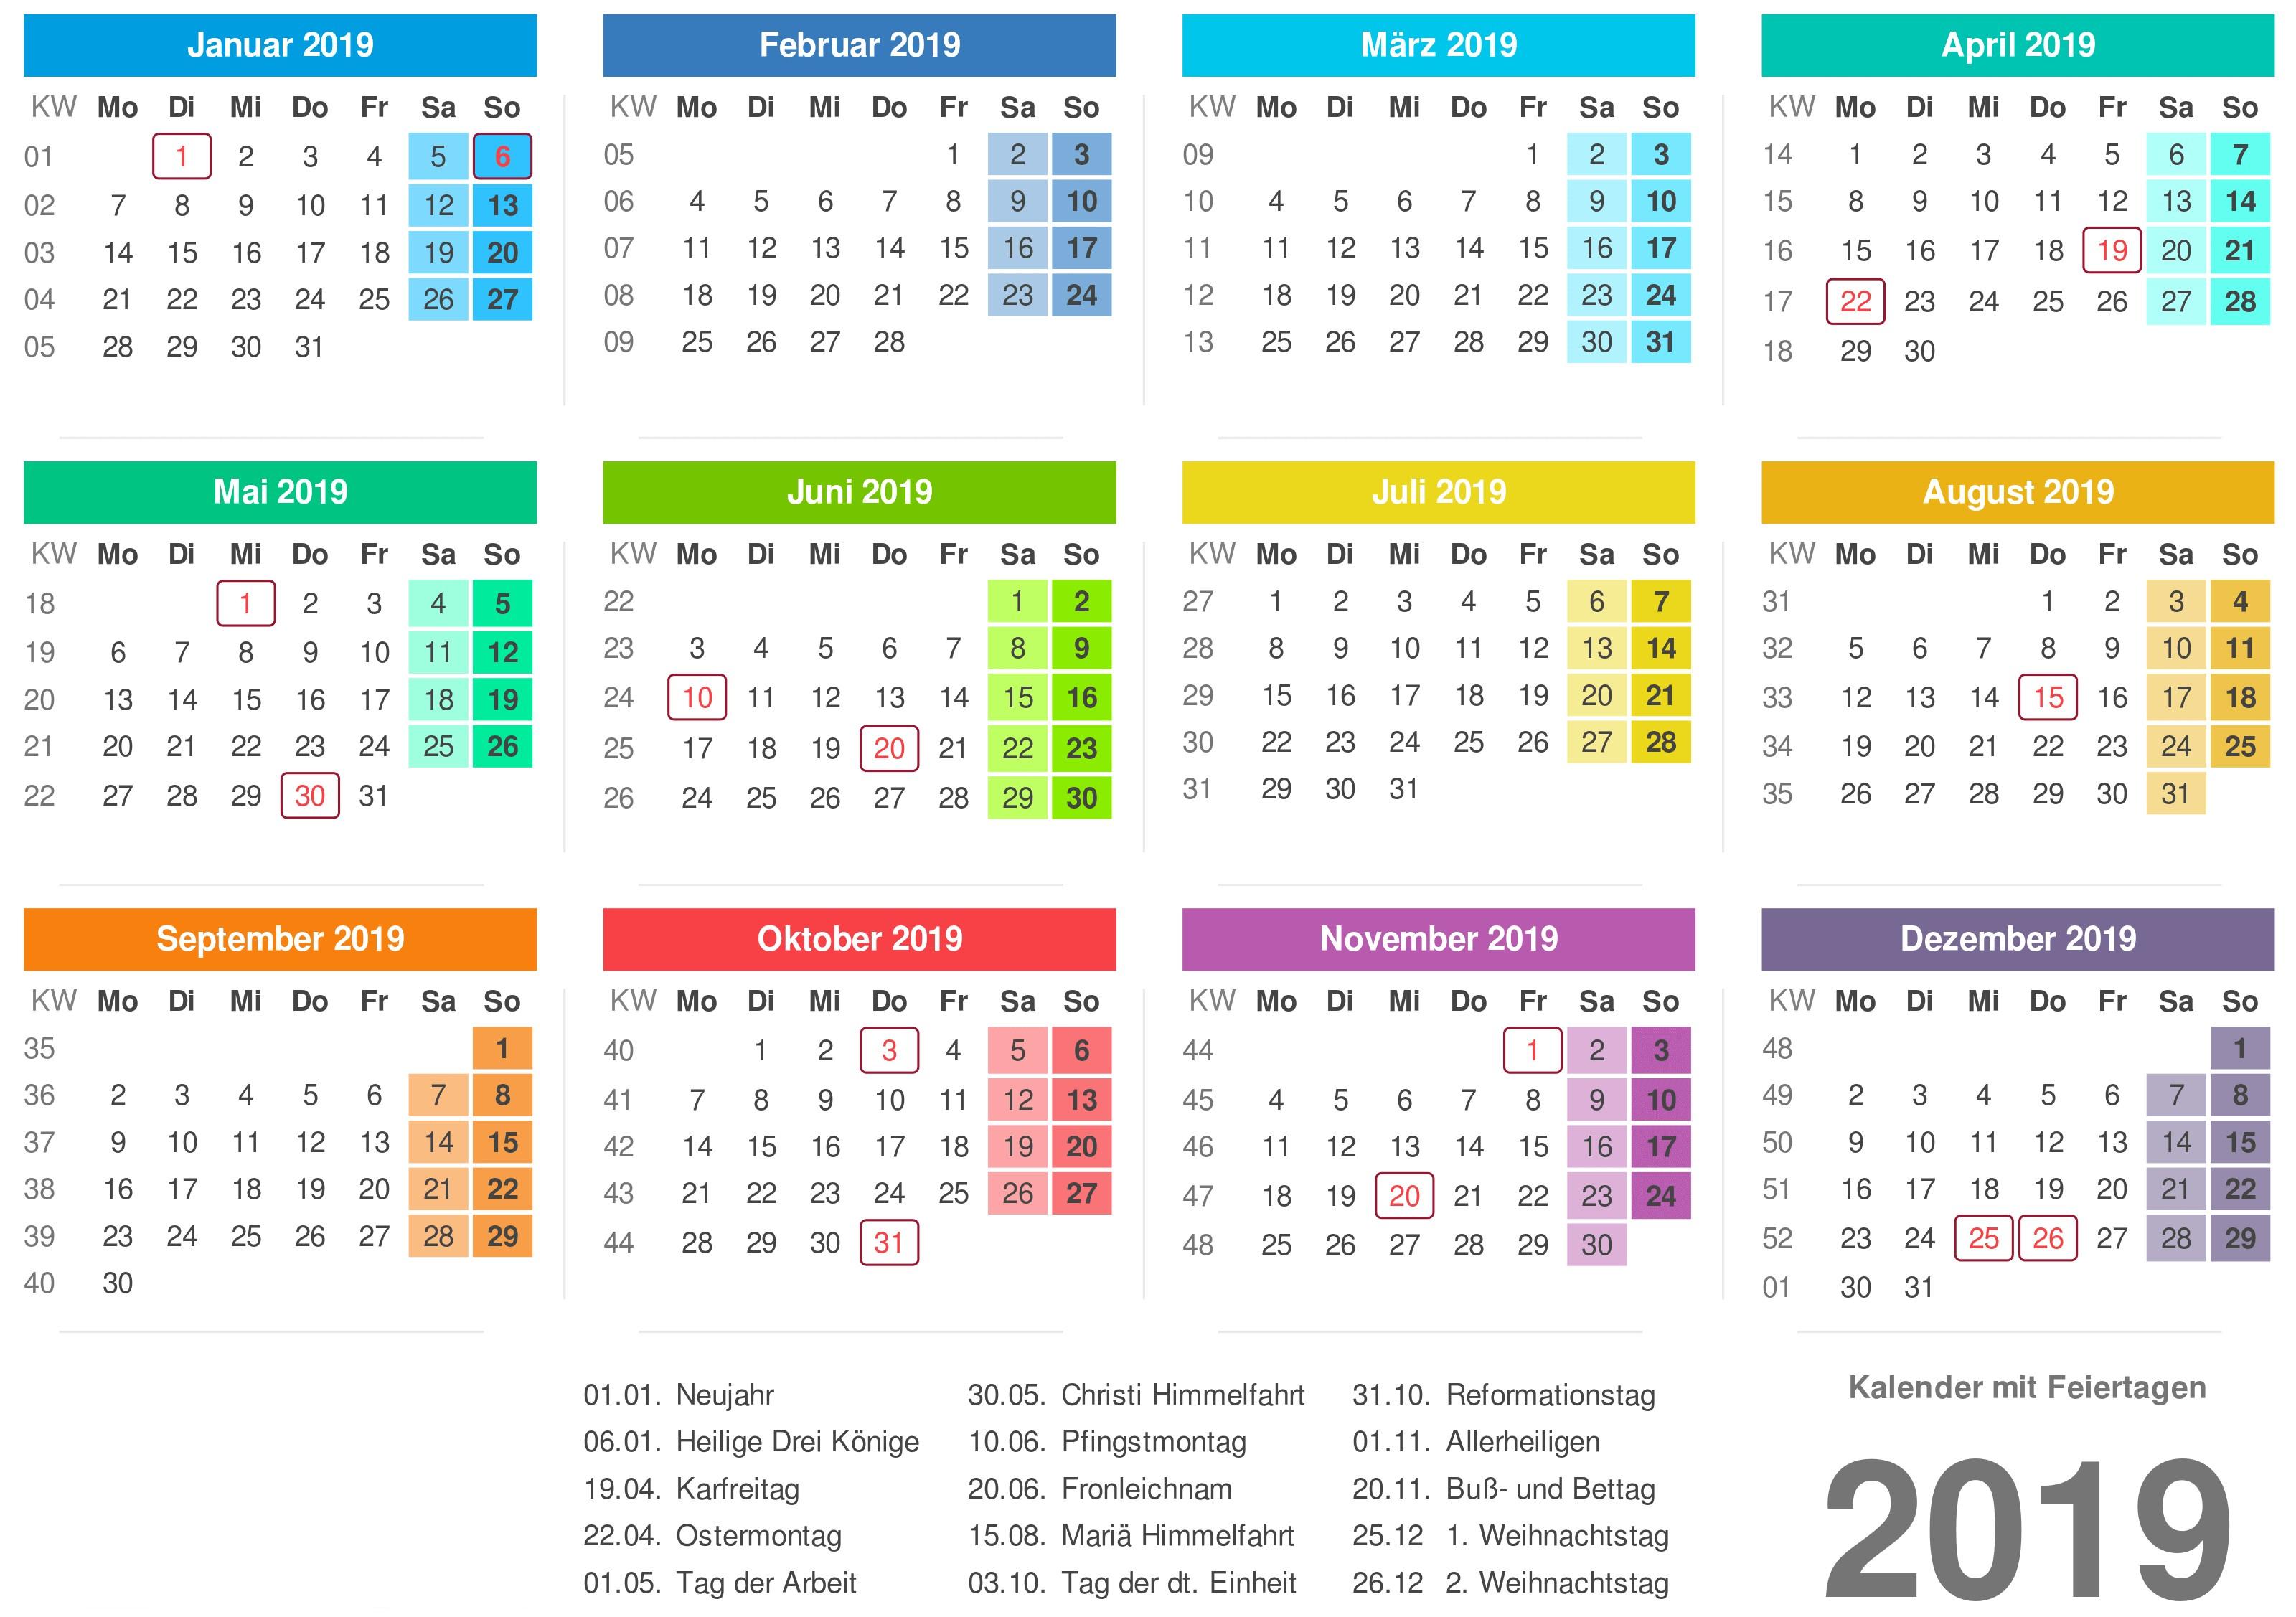 Kalender 2019 Excel Net Mejores Y Más Novedosos Kalender 2019 Word Bayern Of Kalender 2019 Excel Net Más Recientes Kalender 2020 Ferien nordrhein Westfalen Feiertage